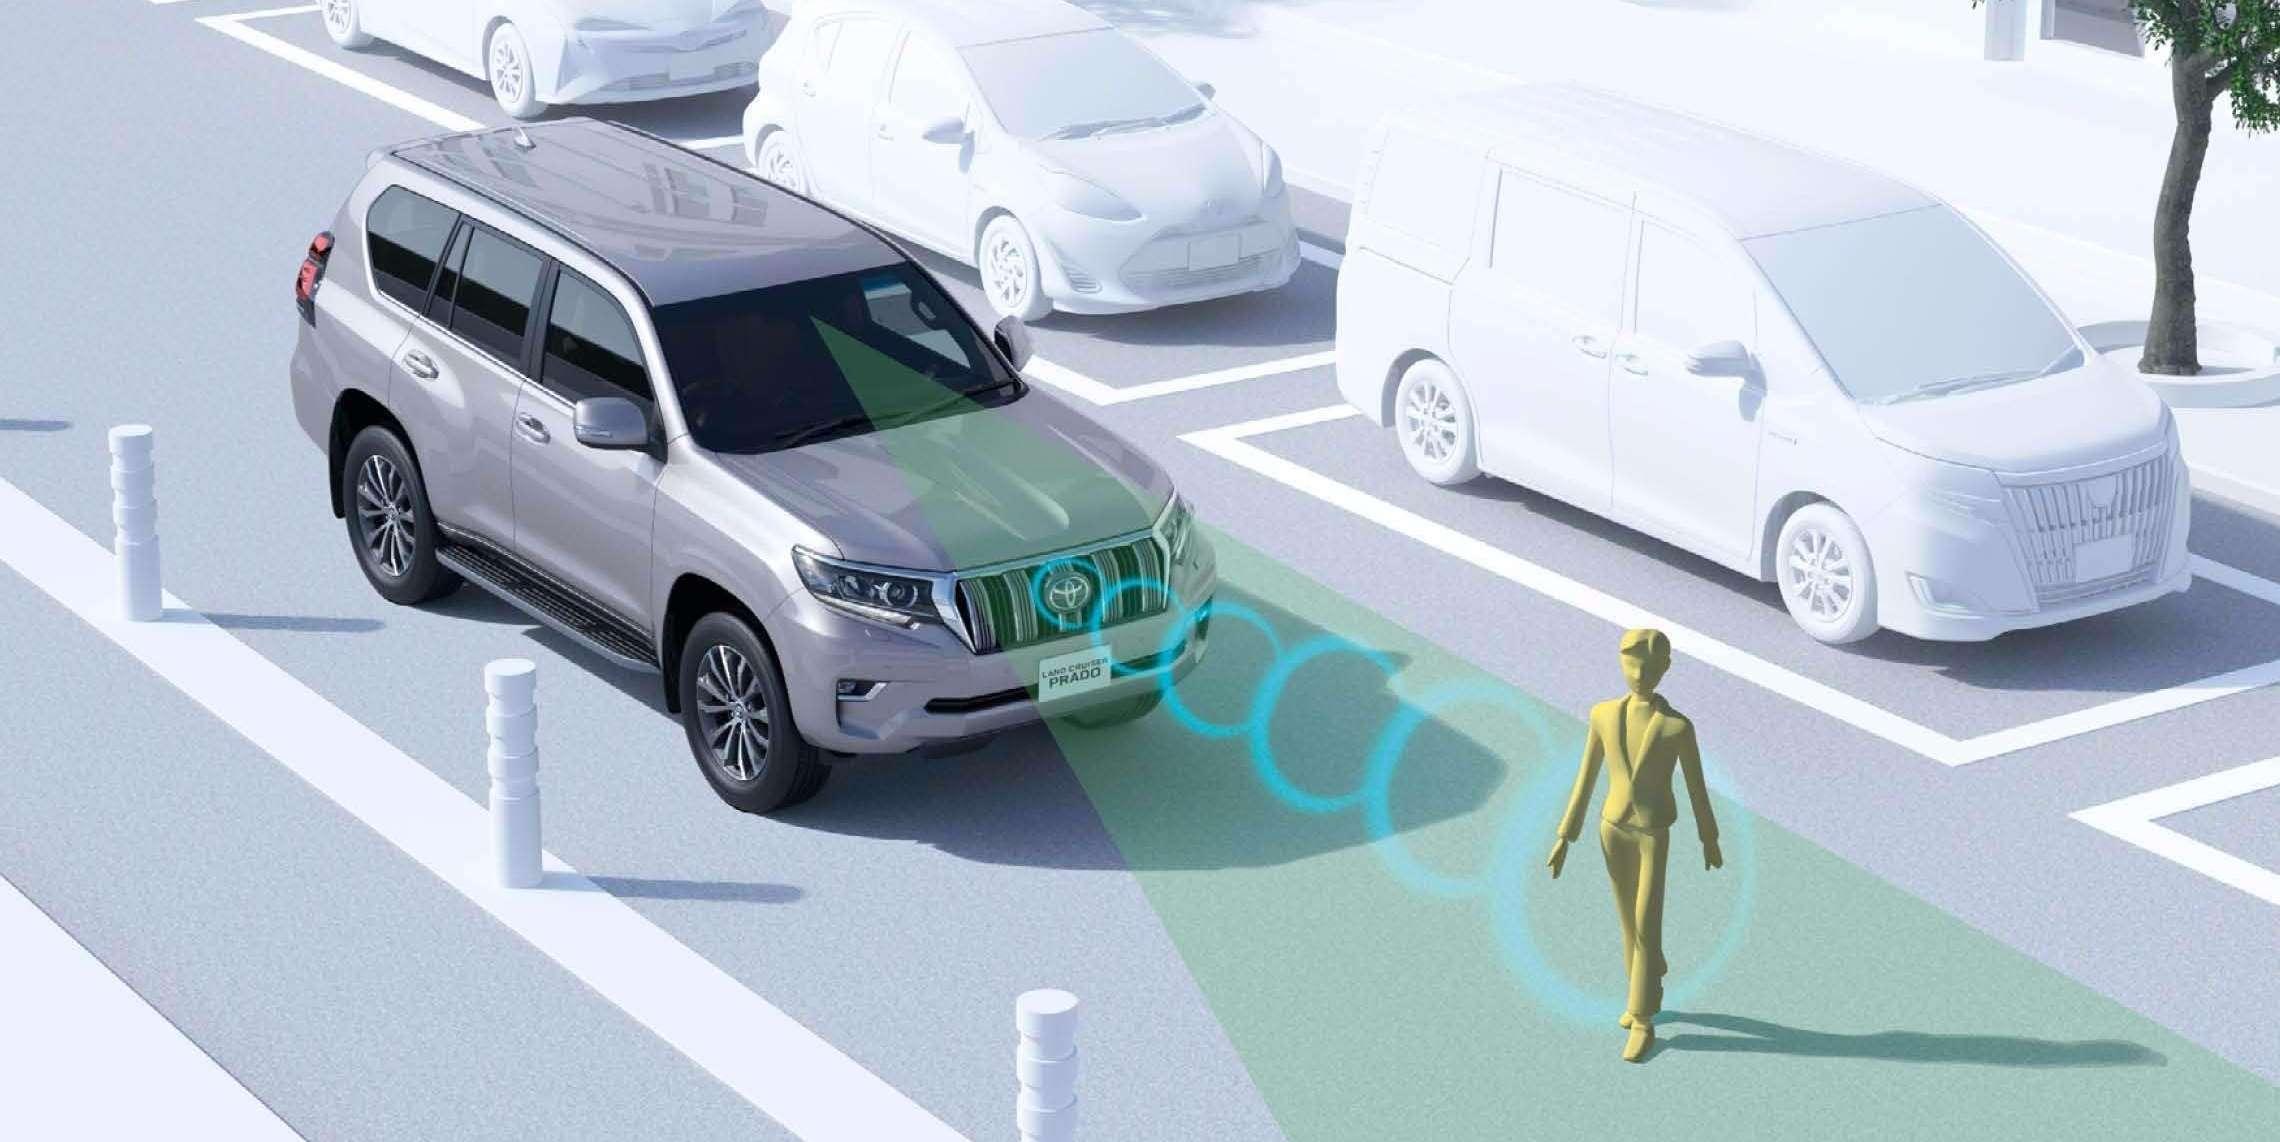 自動ブレーキ:プリクラッシュセーフティシステム(歩行者検知機能付衝突回避支援タイプ/ミリ波レーダー+単眼カメラ方式)